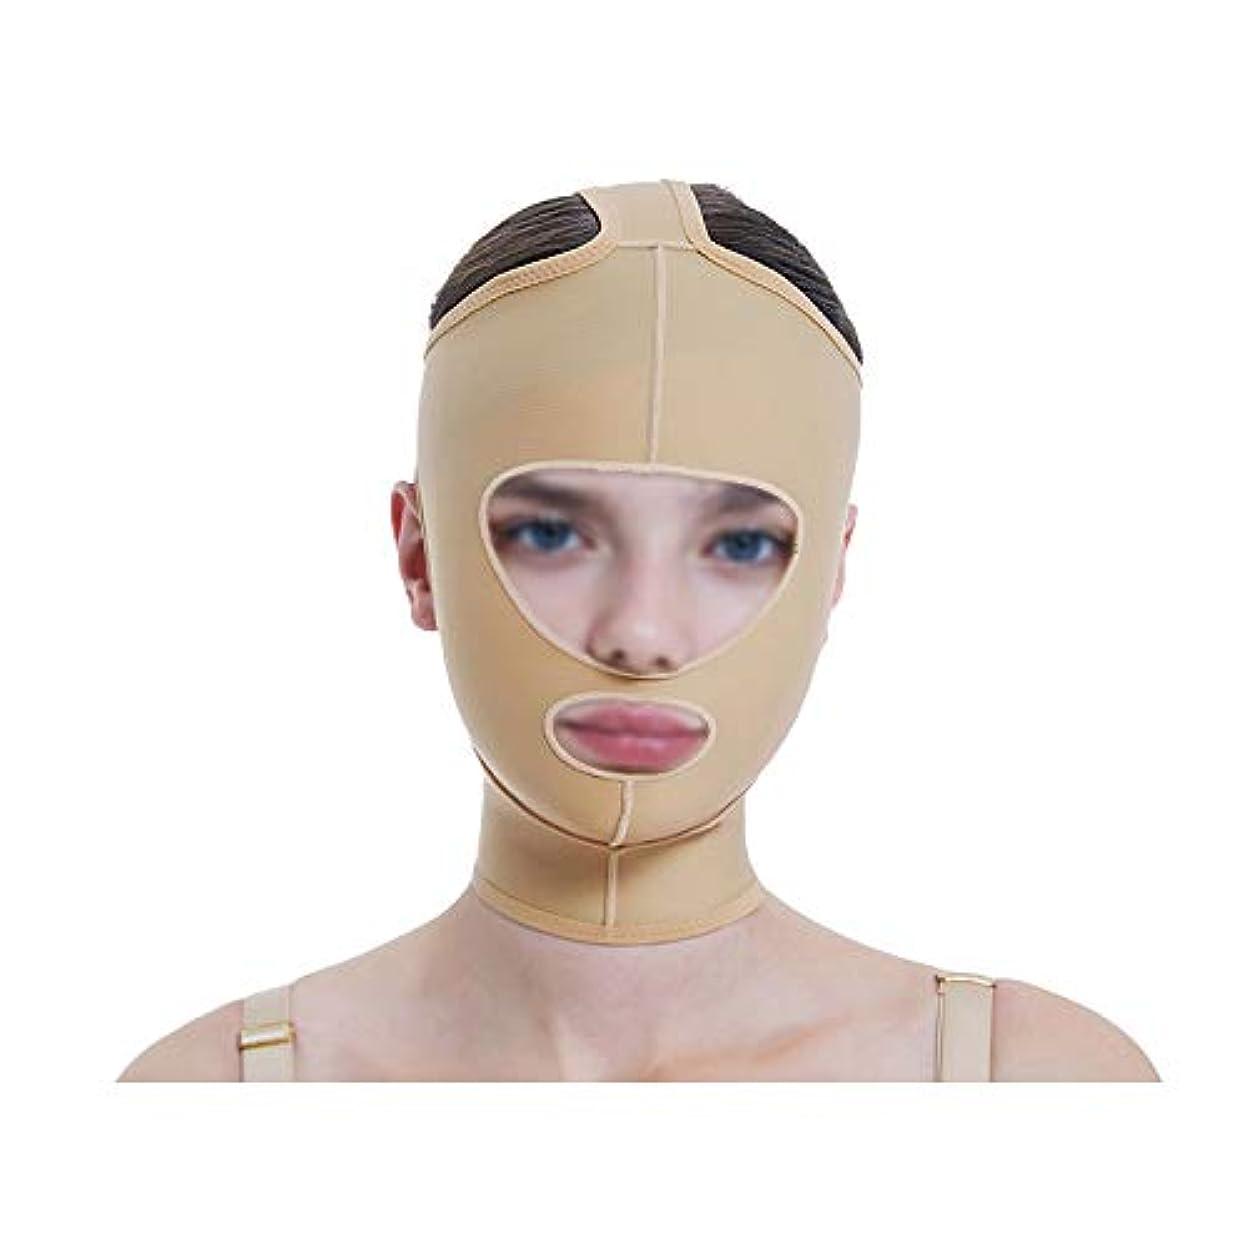 オン血まみれ安心させるTLMY 顔と首のリフト痩身マスクの顔の彫刻の顔の弾性スーツ薄い二重あごのアーティファクトV顔のビーム表面 顔用整形マスク (Size : S)